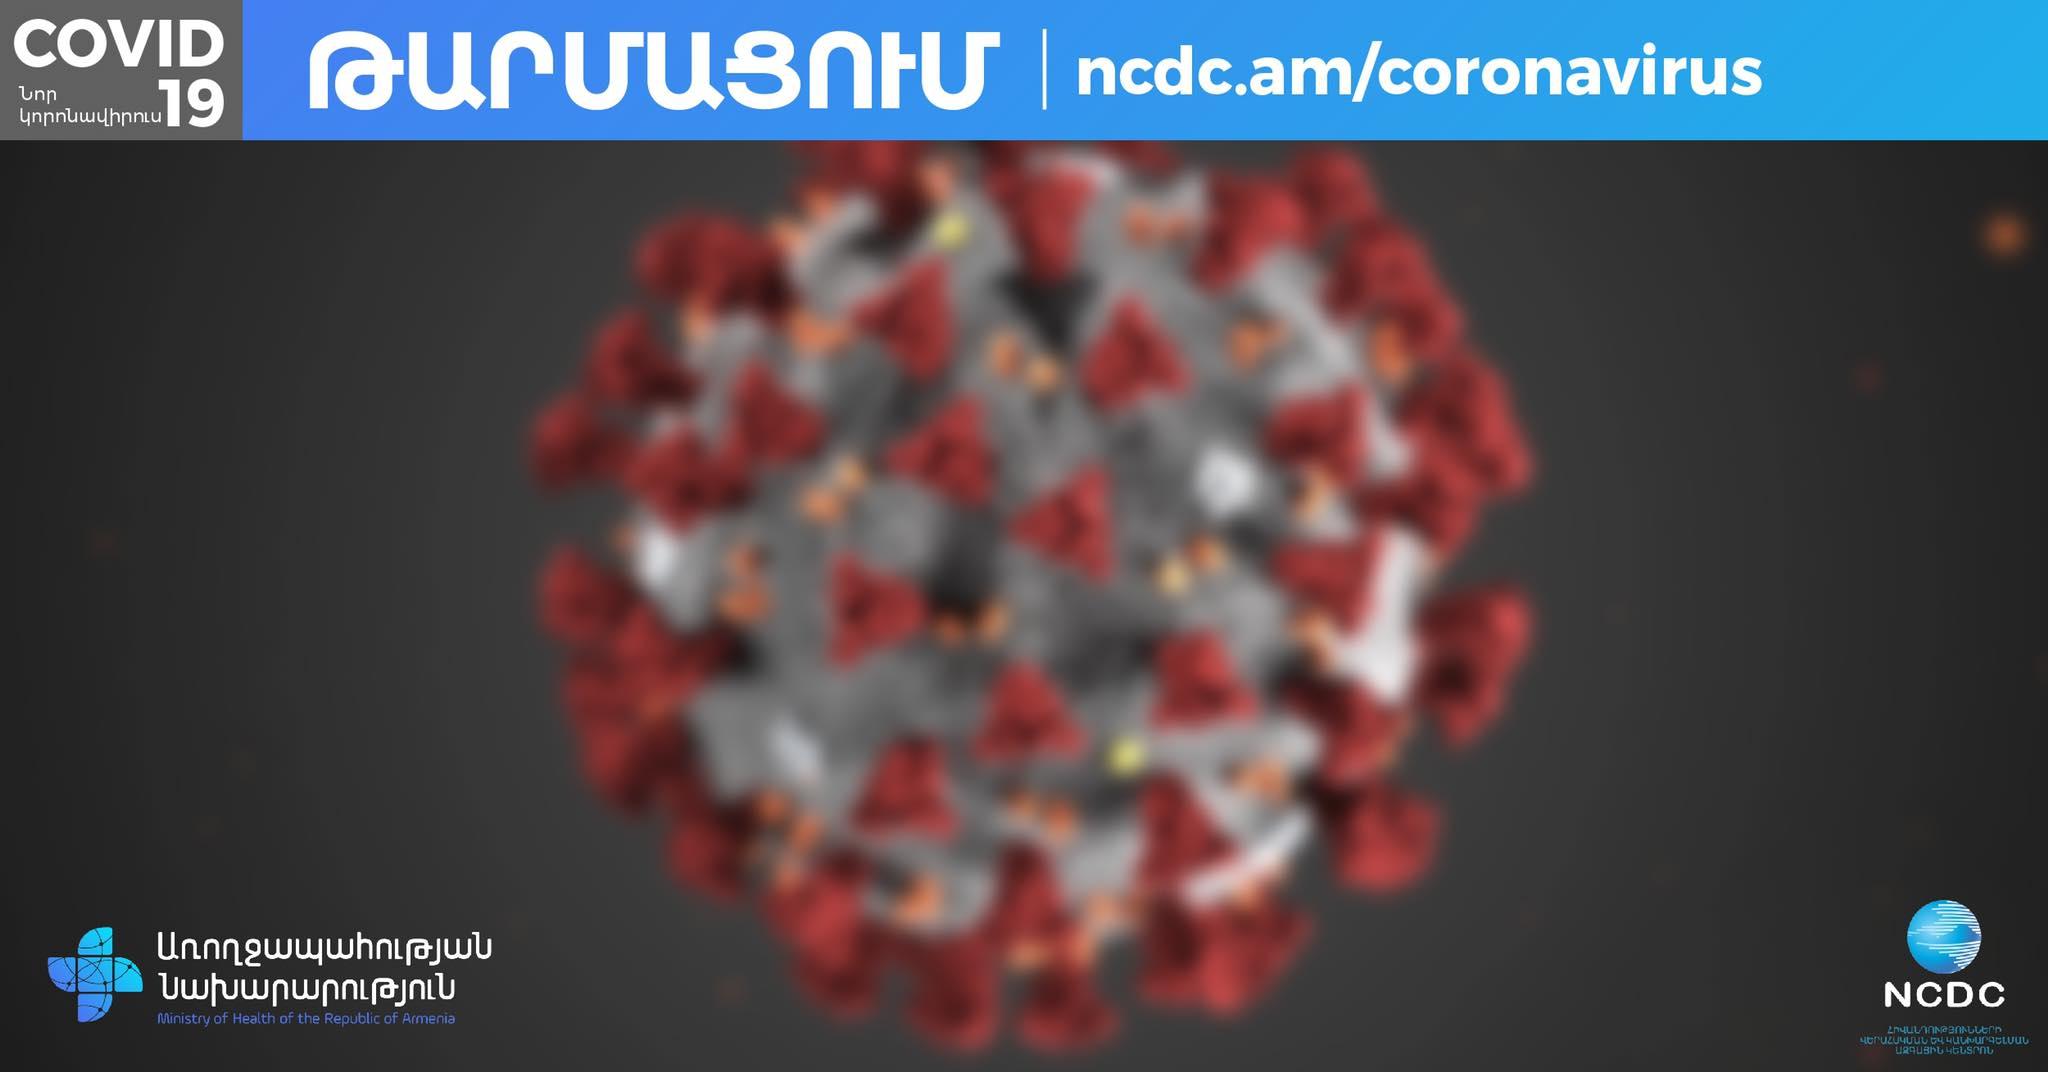 Կորոնավիրուսային հիվանդության իրավիճակը երկրում